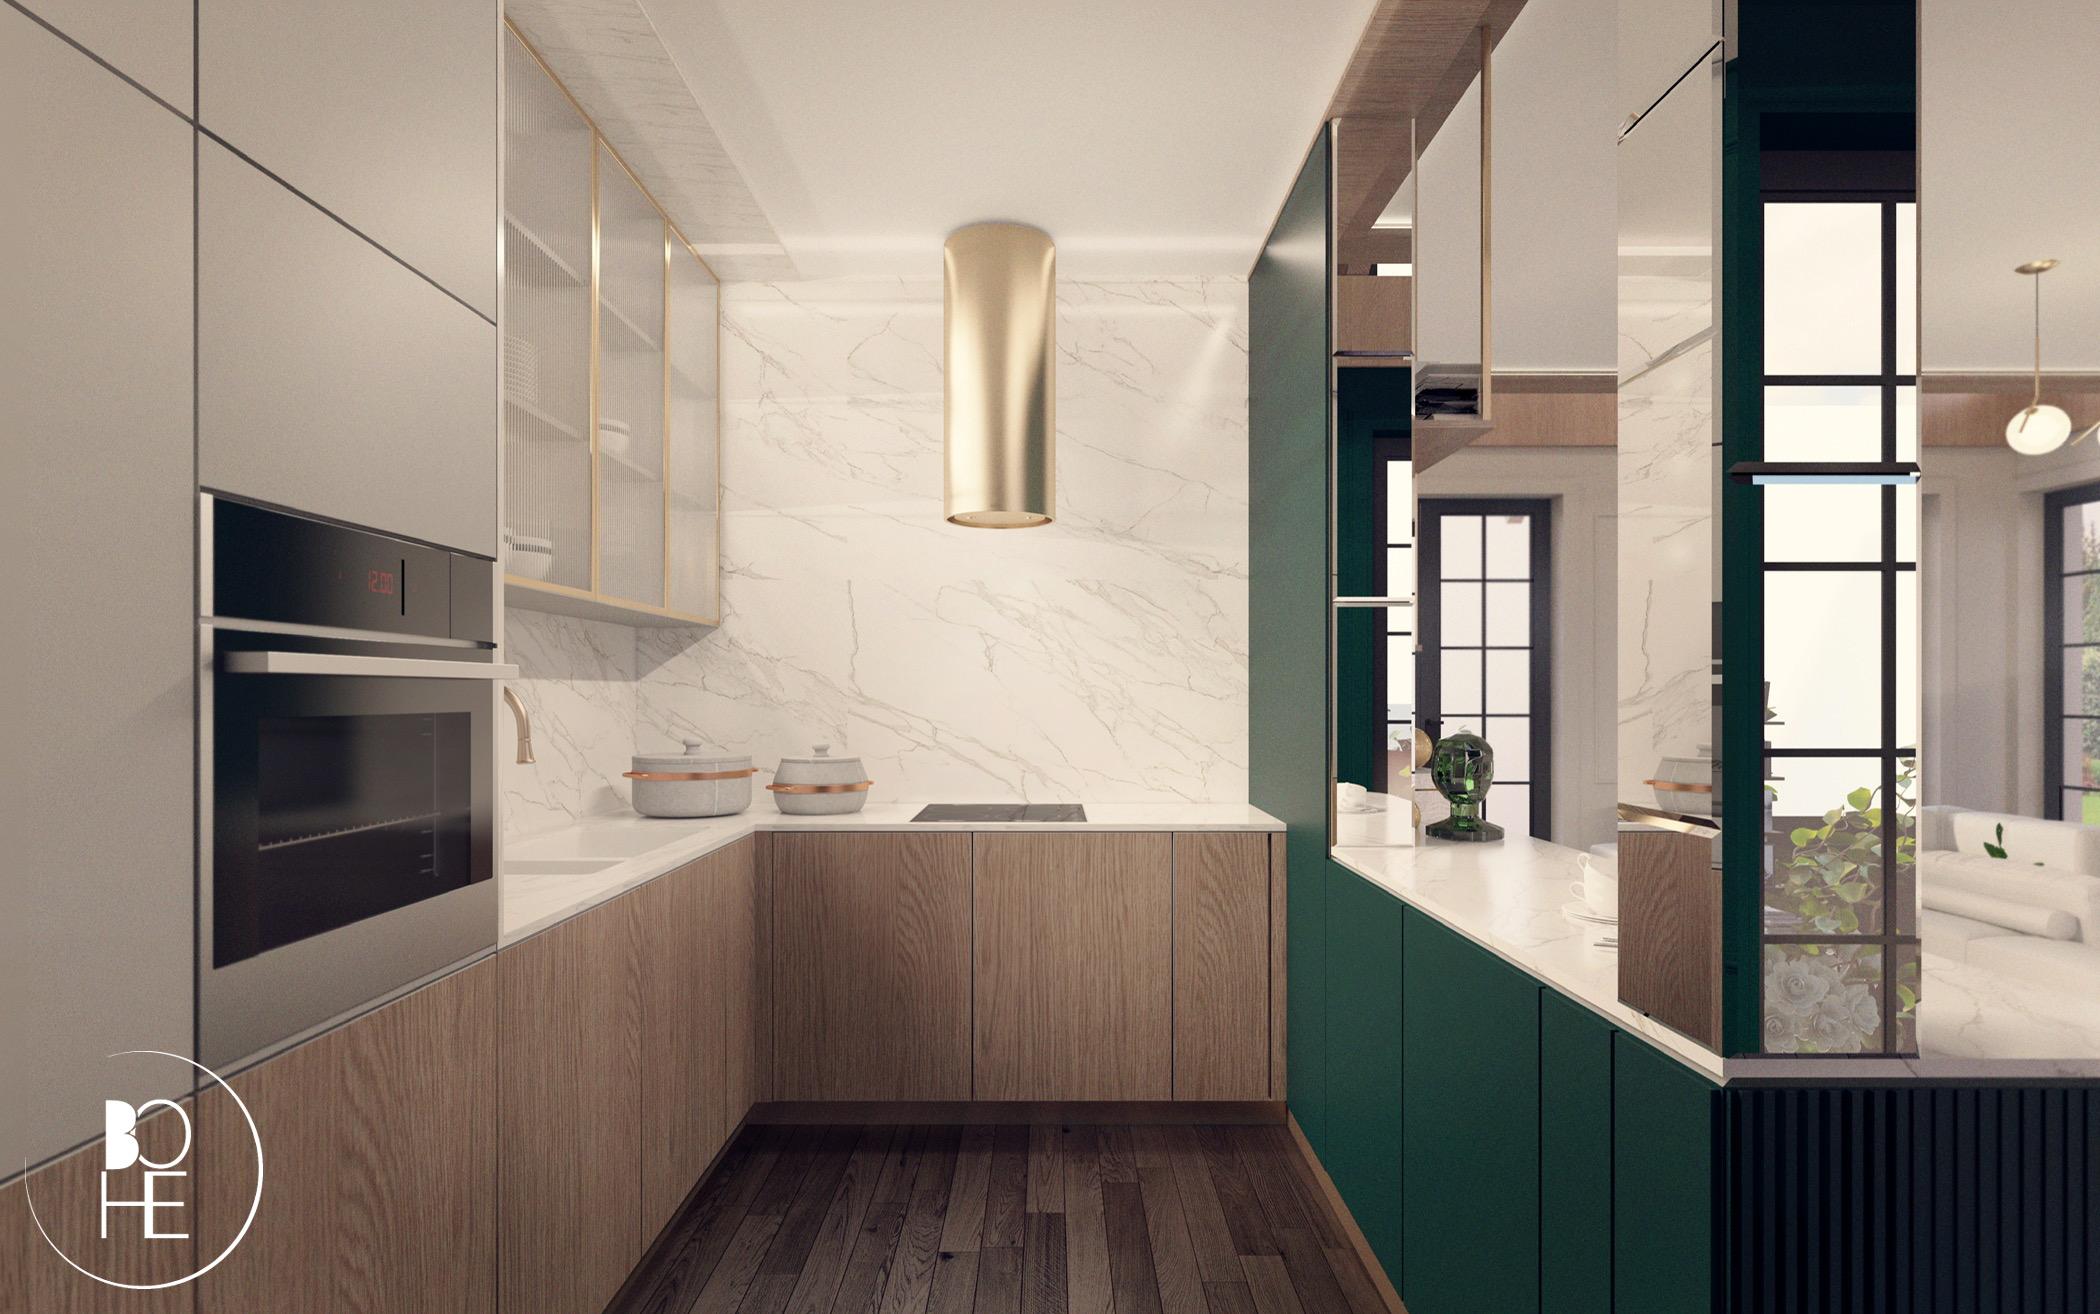 projekt wnętrza zielonej kuchni domu styl nowoczesny złoty okap marmur warszawa architekt anna skowrońska Białystok